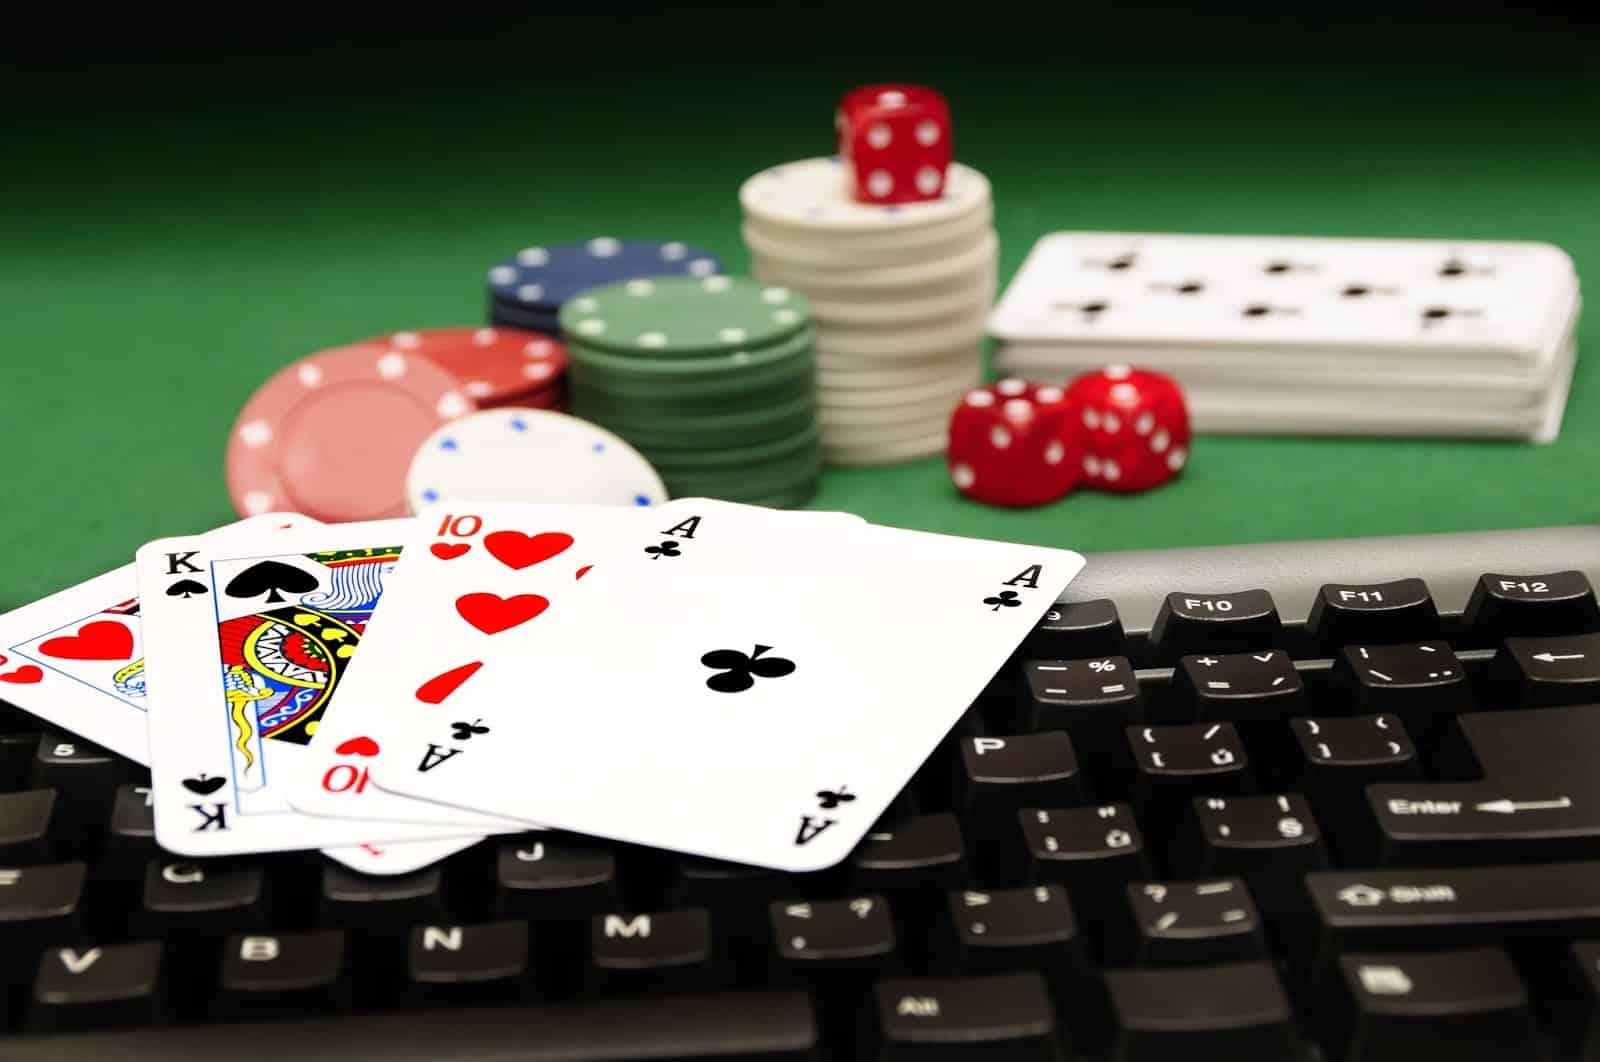 I giochi più vincenti casino online | Slot machines, roulette e blackjack